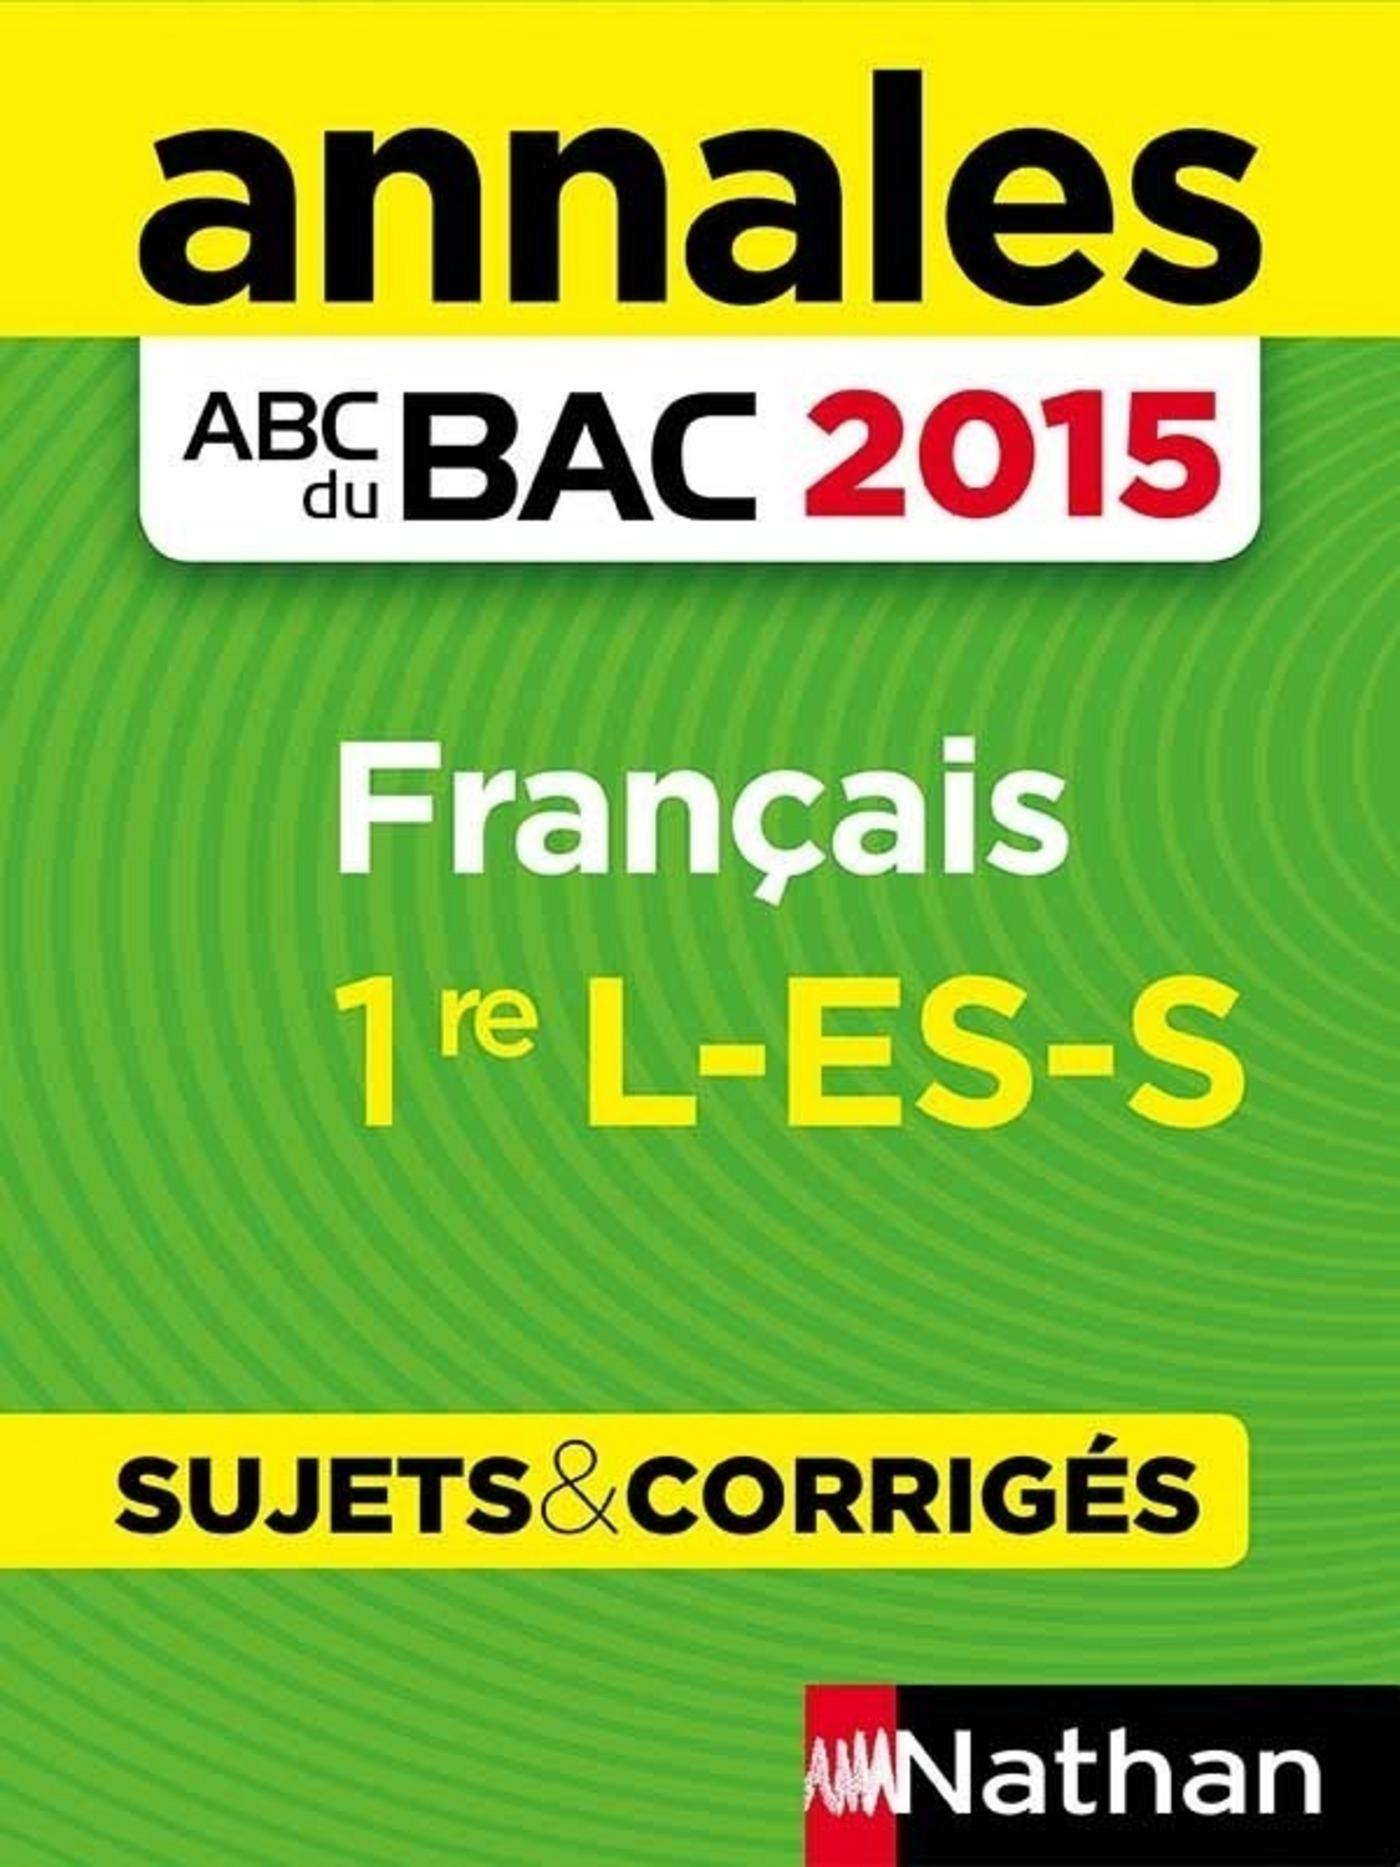 Annales ABC du BAC 2015 Français 1re L.ES.S